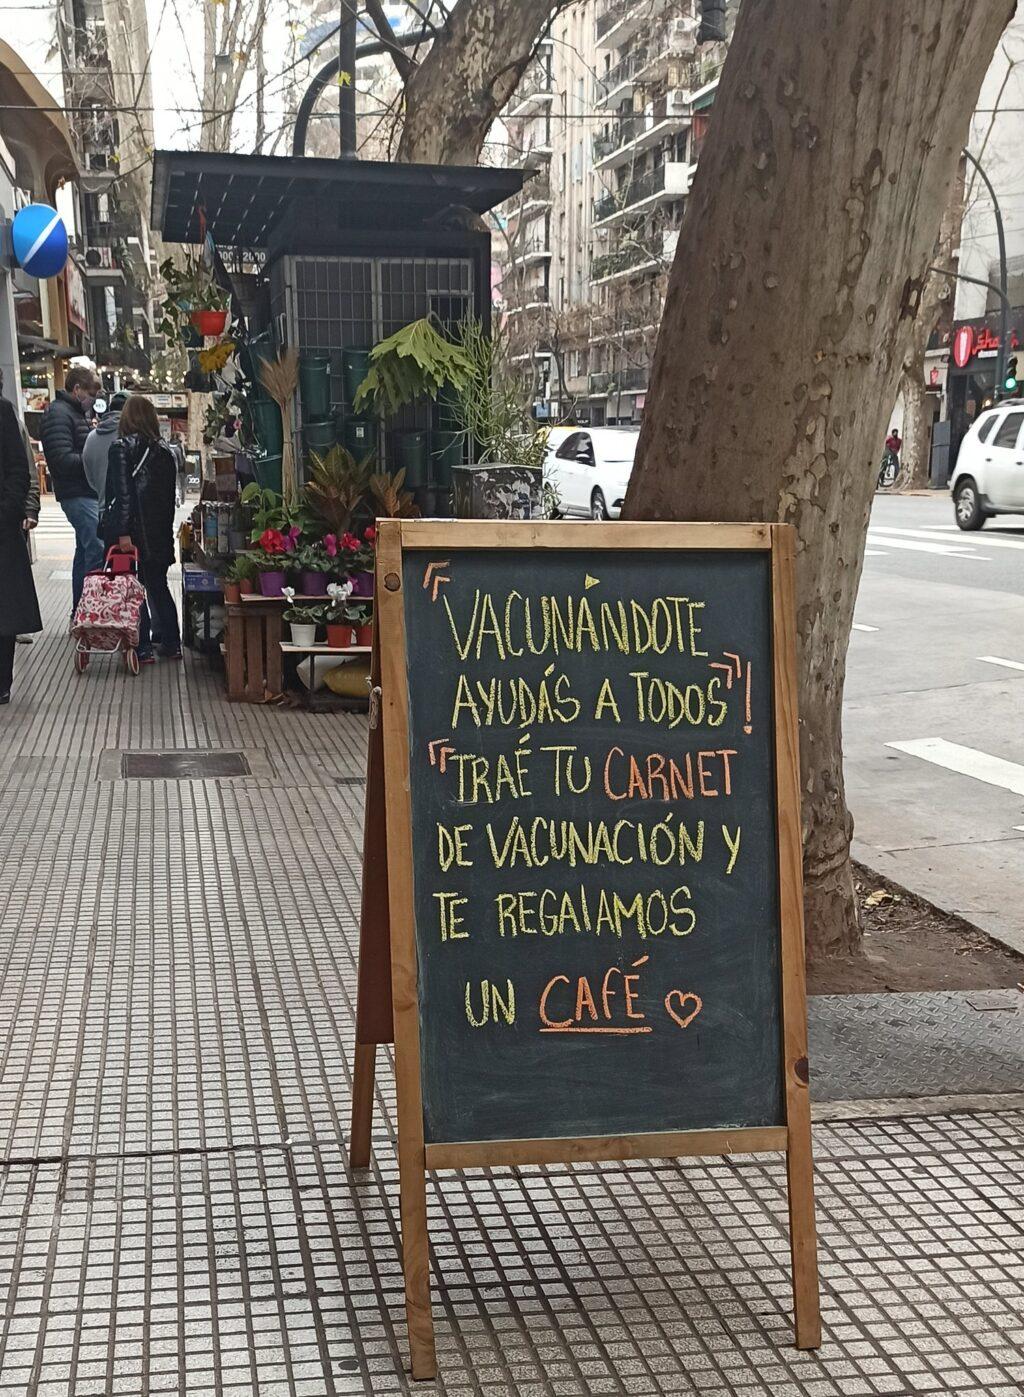 En Argentina: Negocios regalan café, vino y cervezas para promover la vacunación - julio 30, 2021 11:30 am - NOTIGUARO - Internacionales